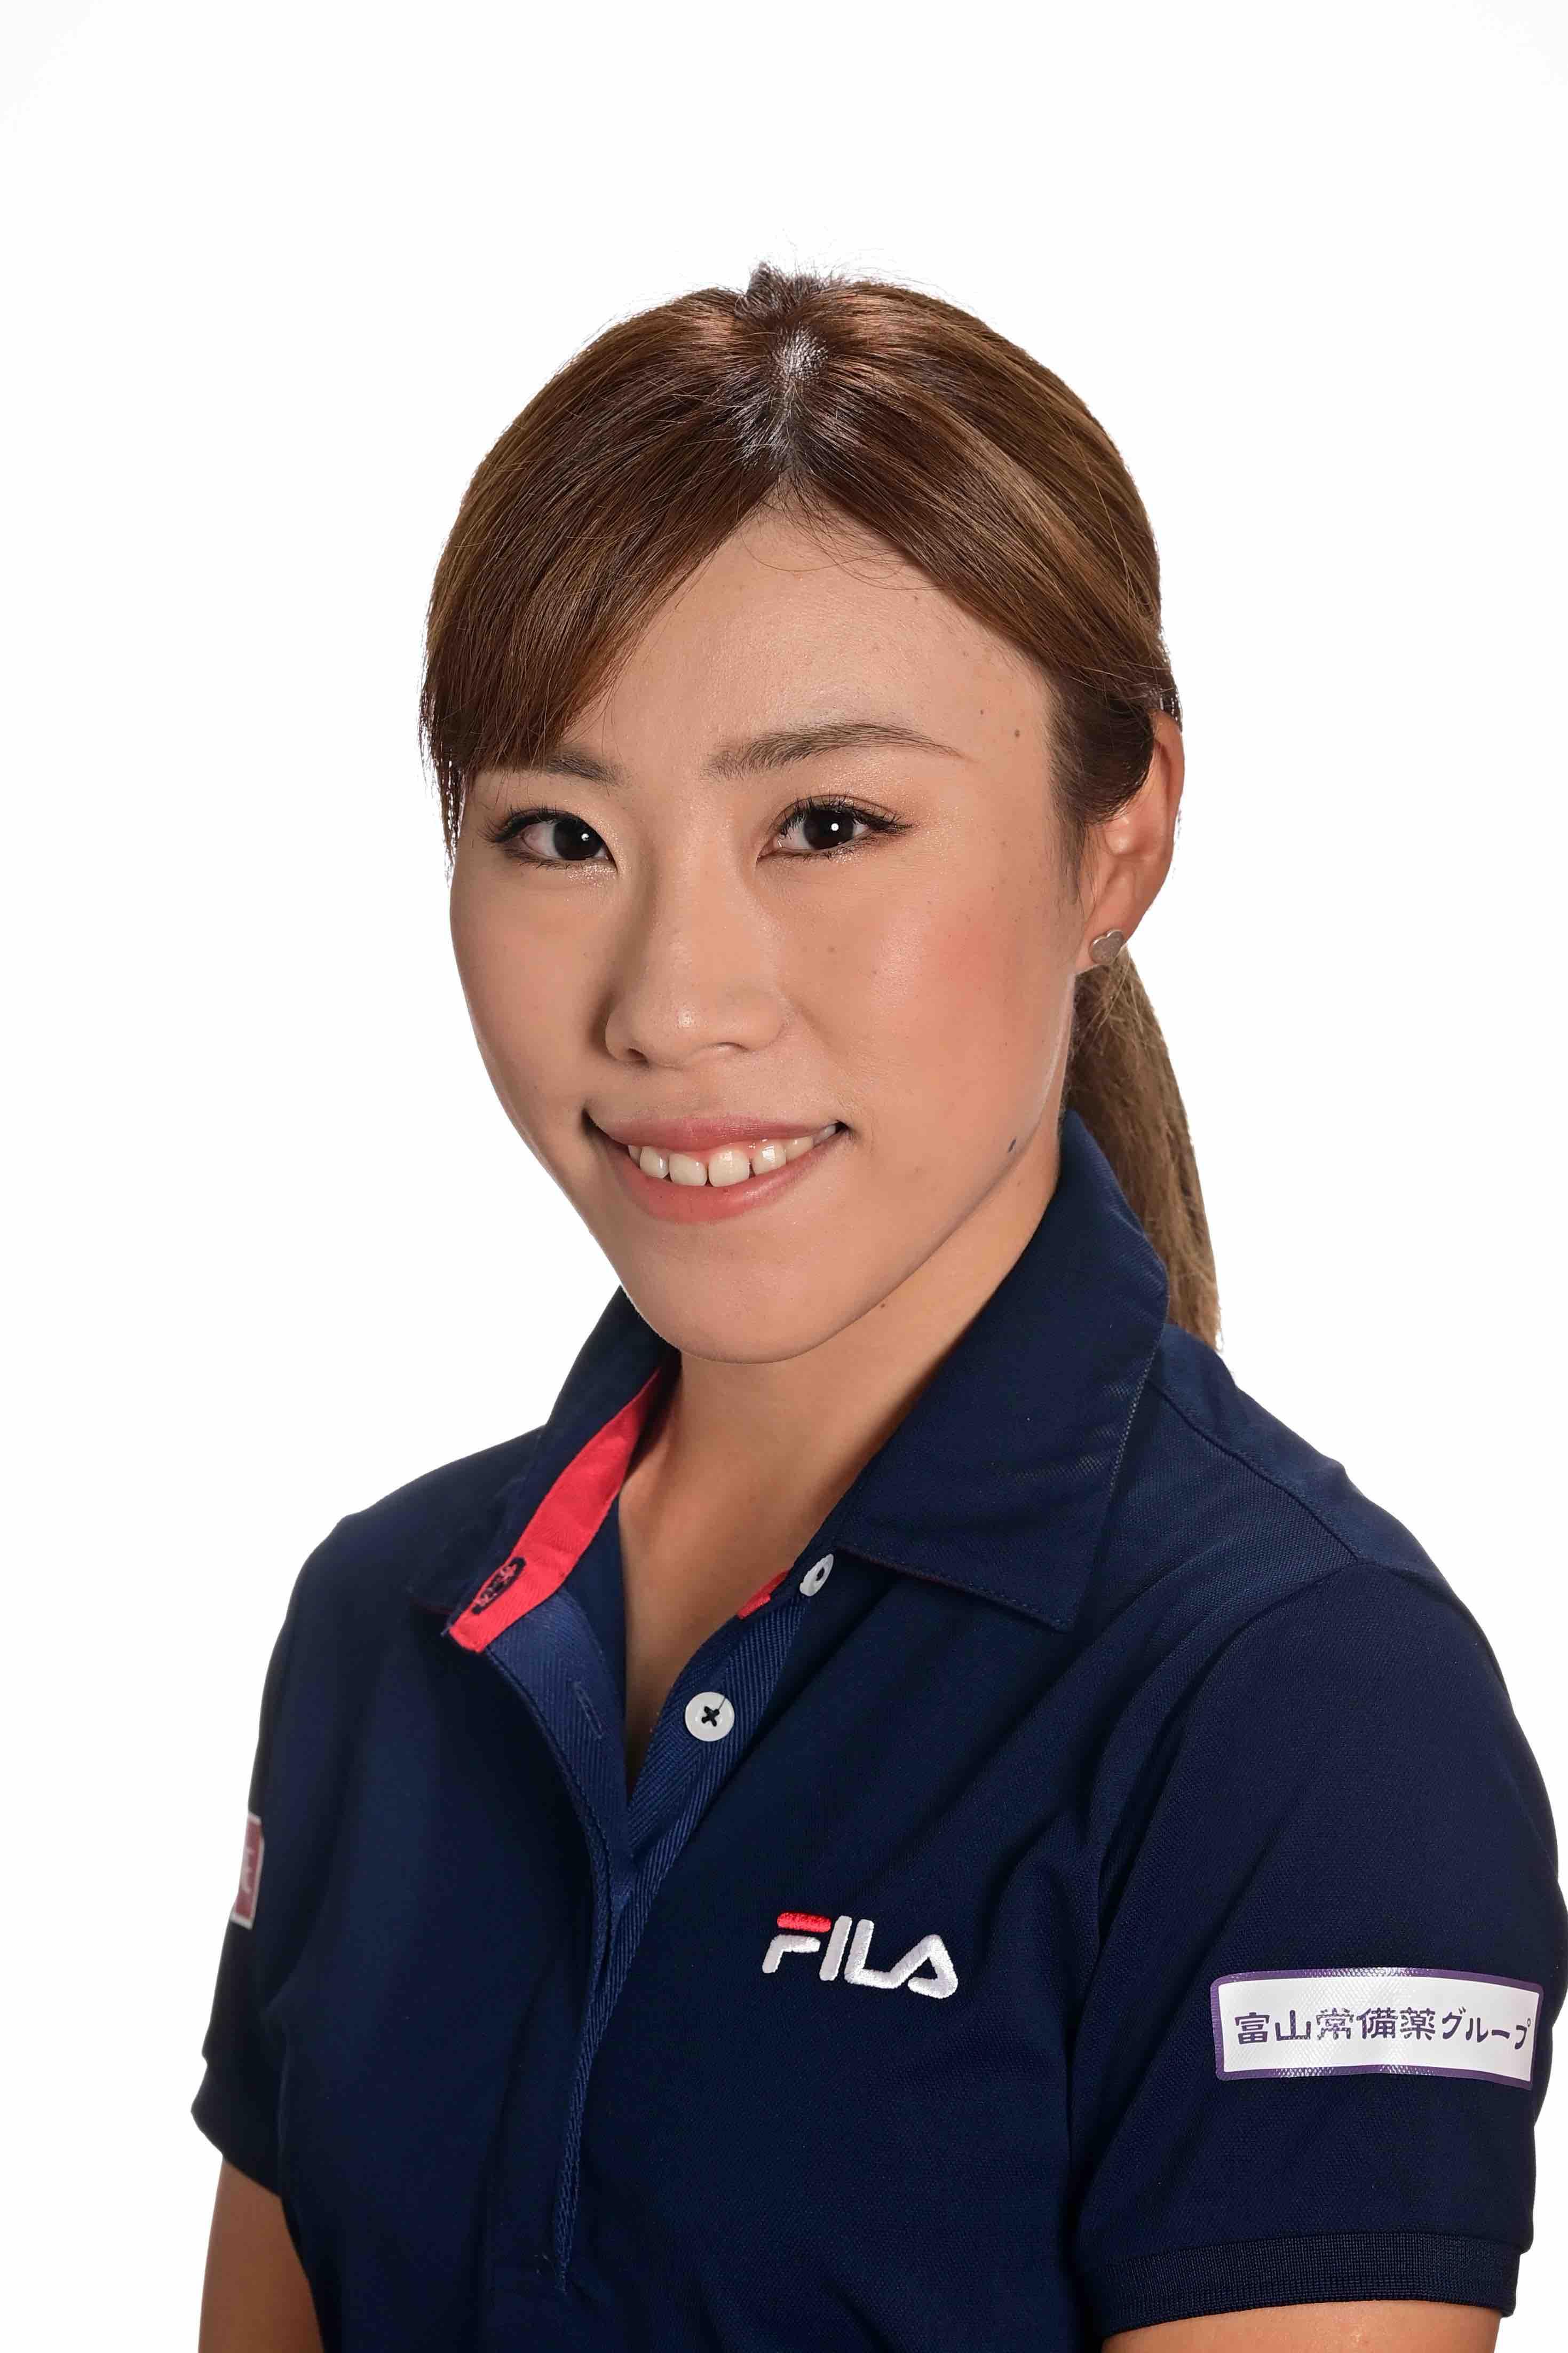 【JLPGA公式】木村 彩子 選手(グローブ&ゴルフボール1スリーブ)